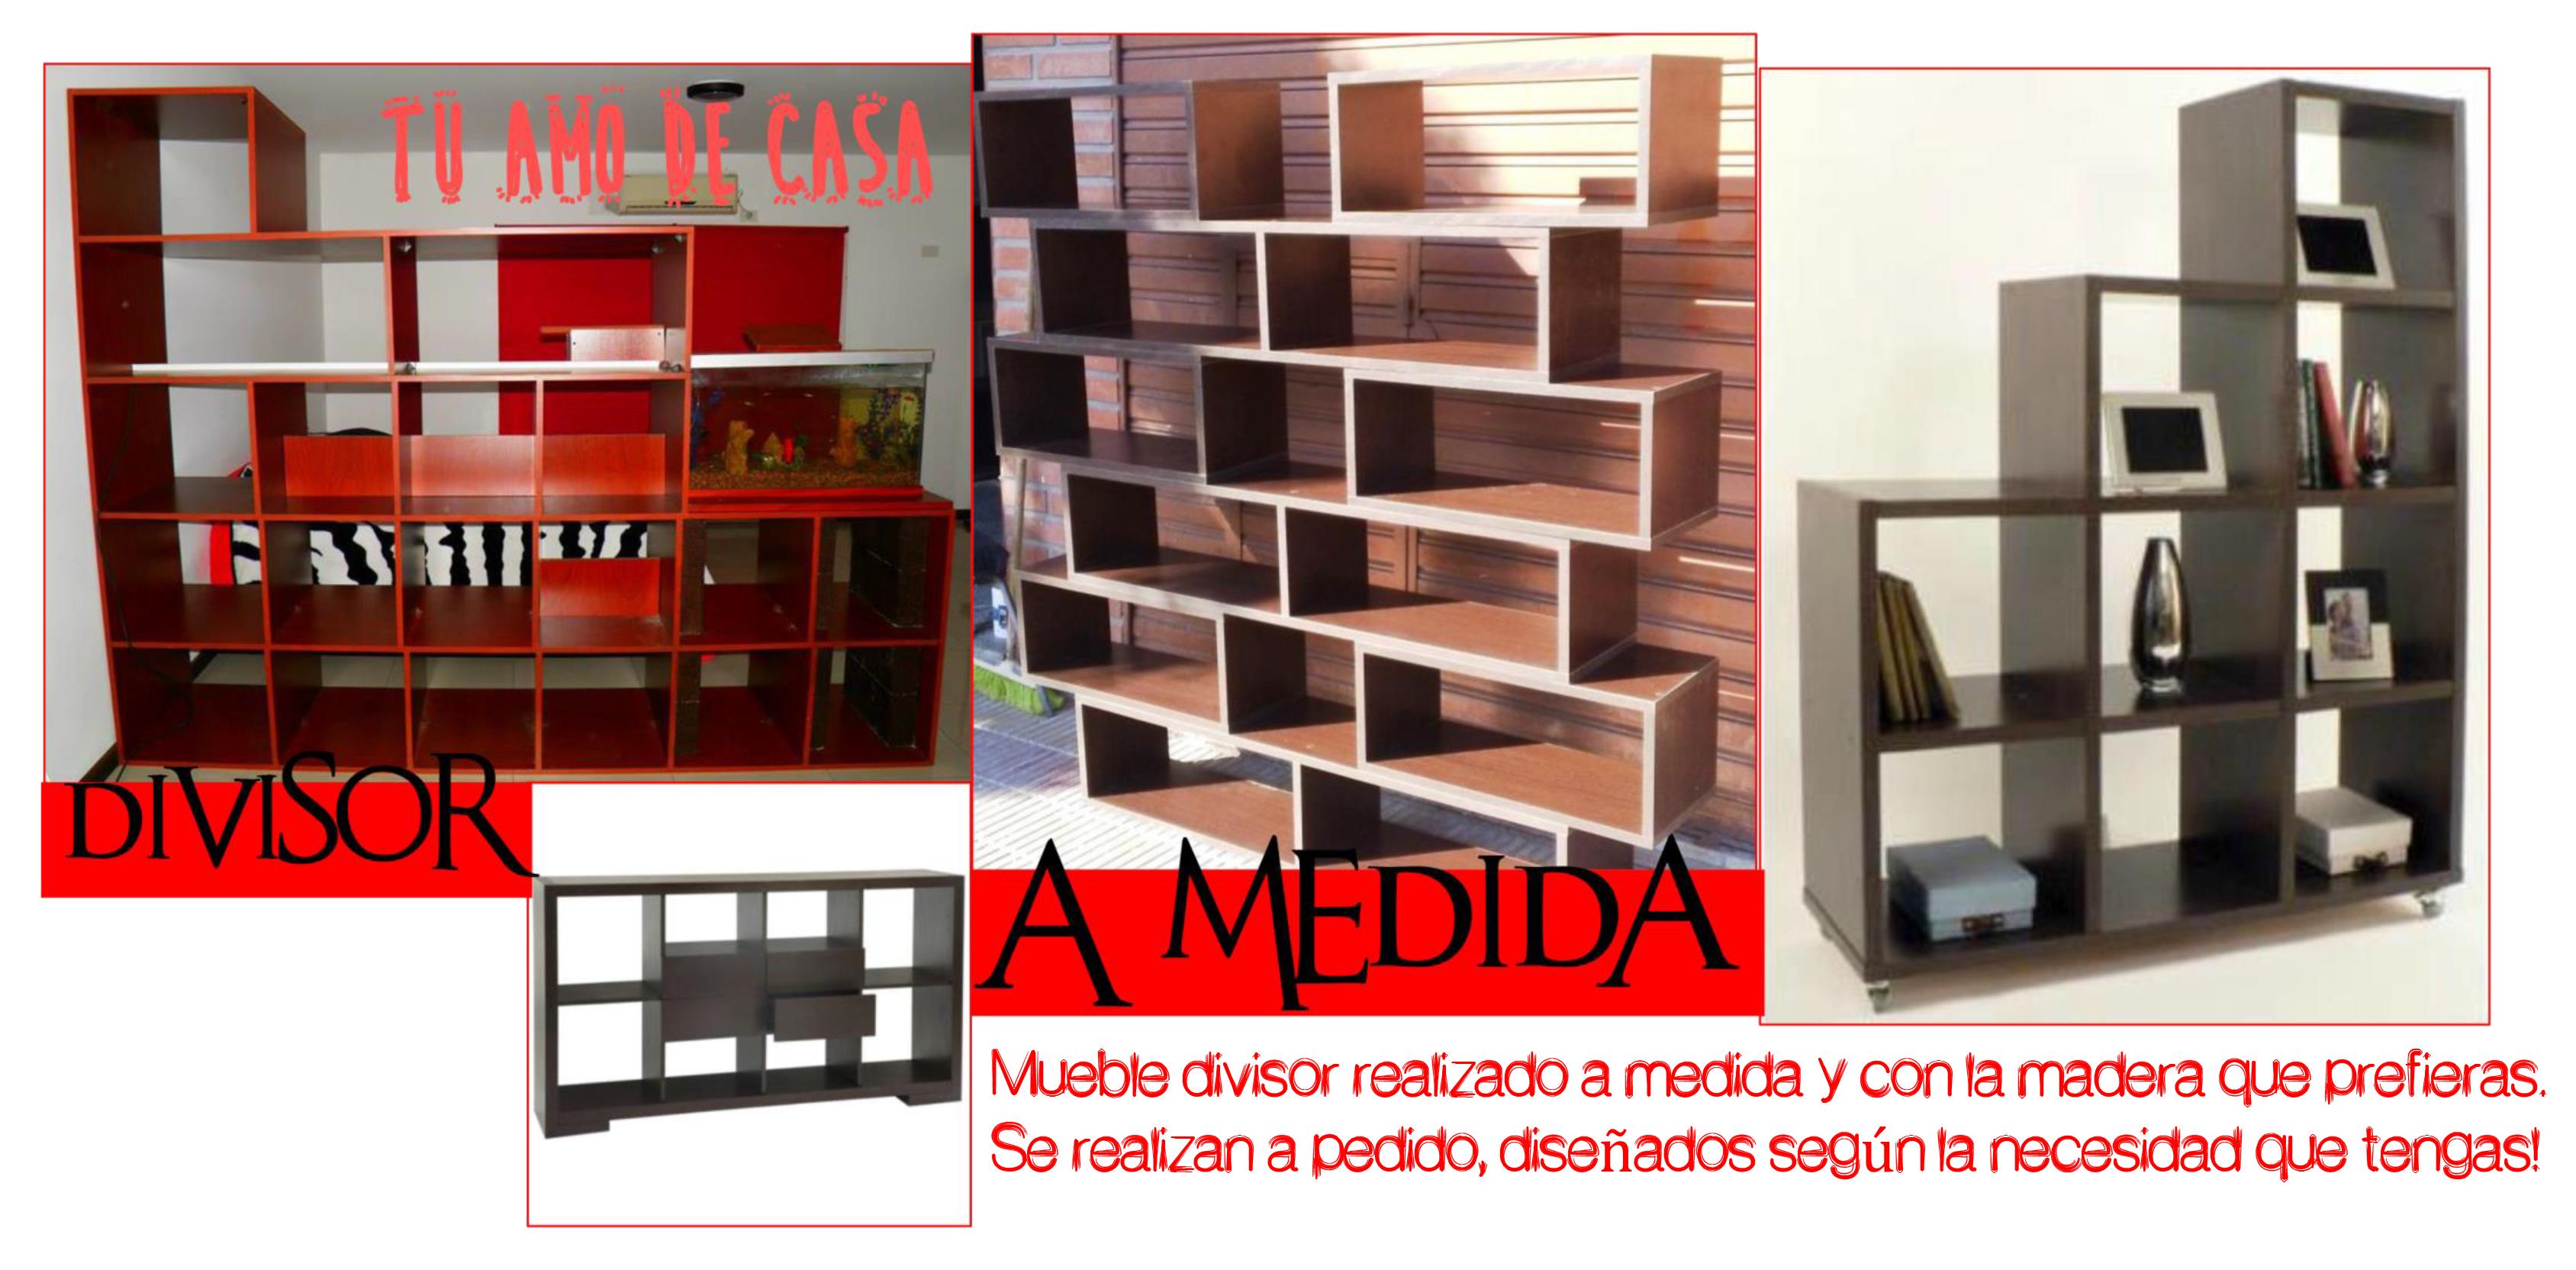 Apedido Realizaci N De Muebles Divisores En Madera Color Y Tama O  # Ruffino Muebles & Deco San Telmo